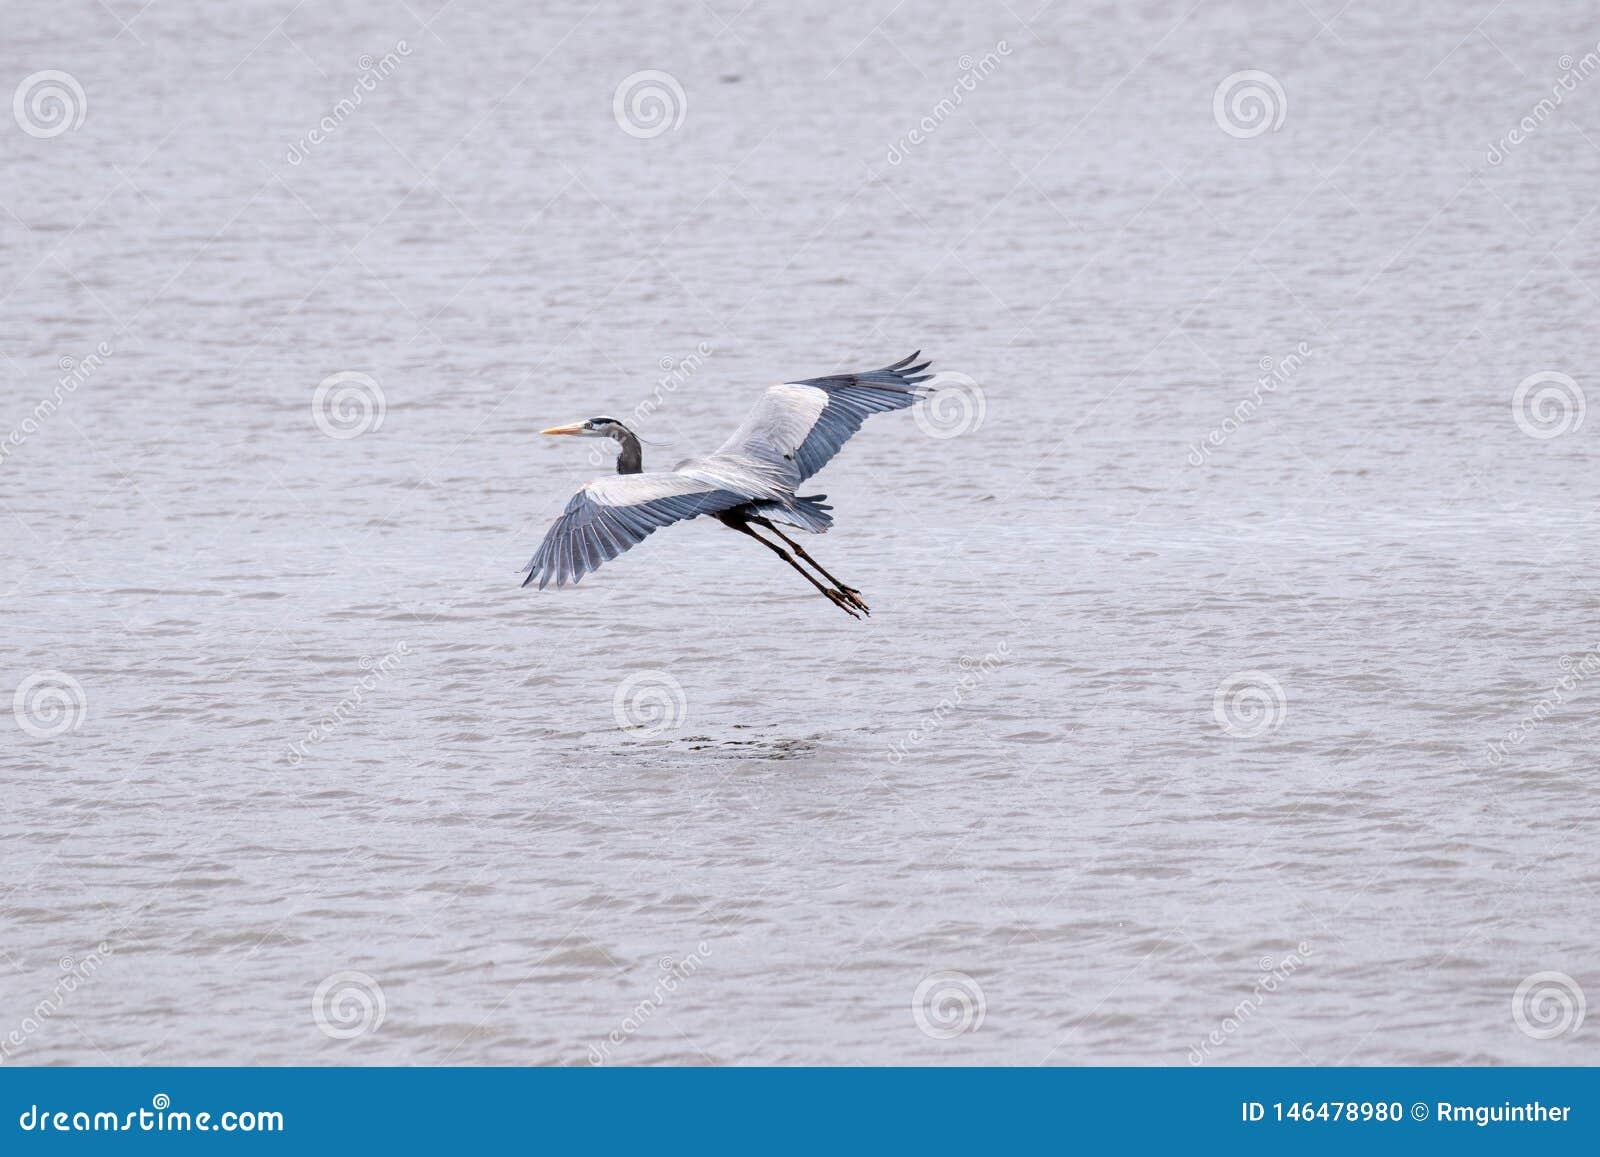 Graureiher im Flug entfernt von einem See